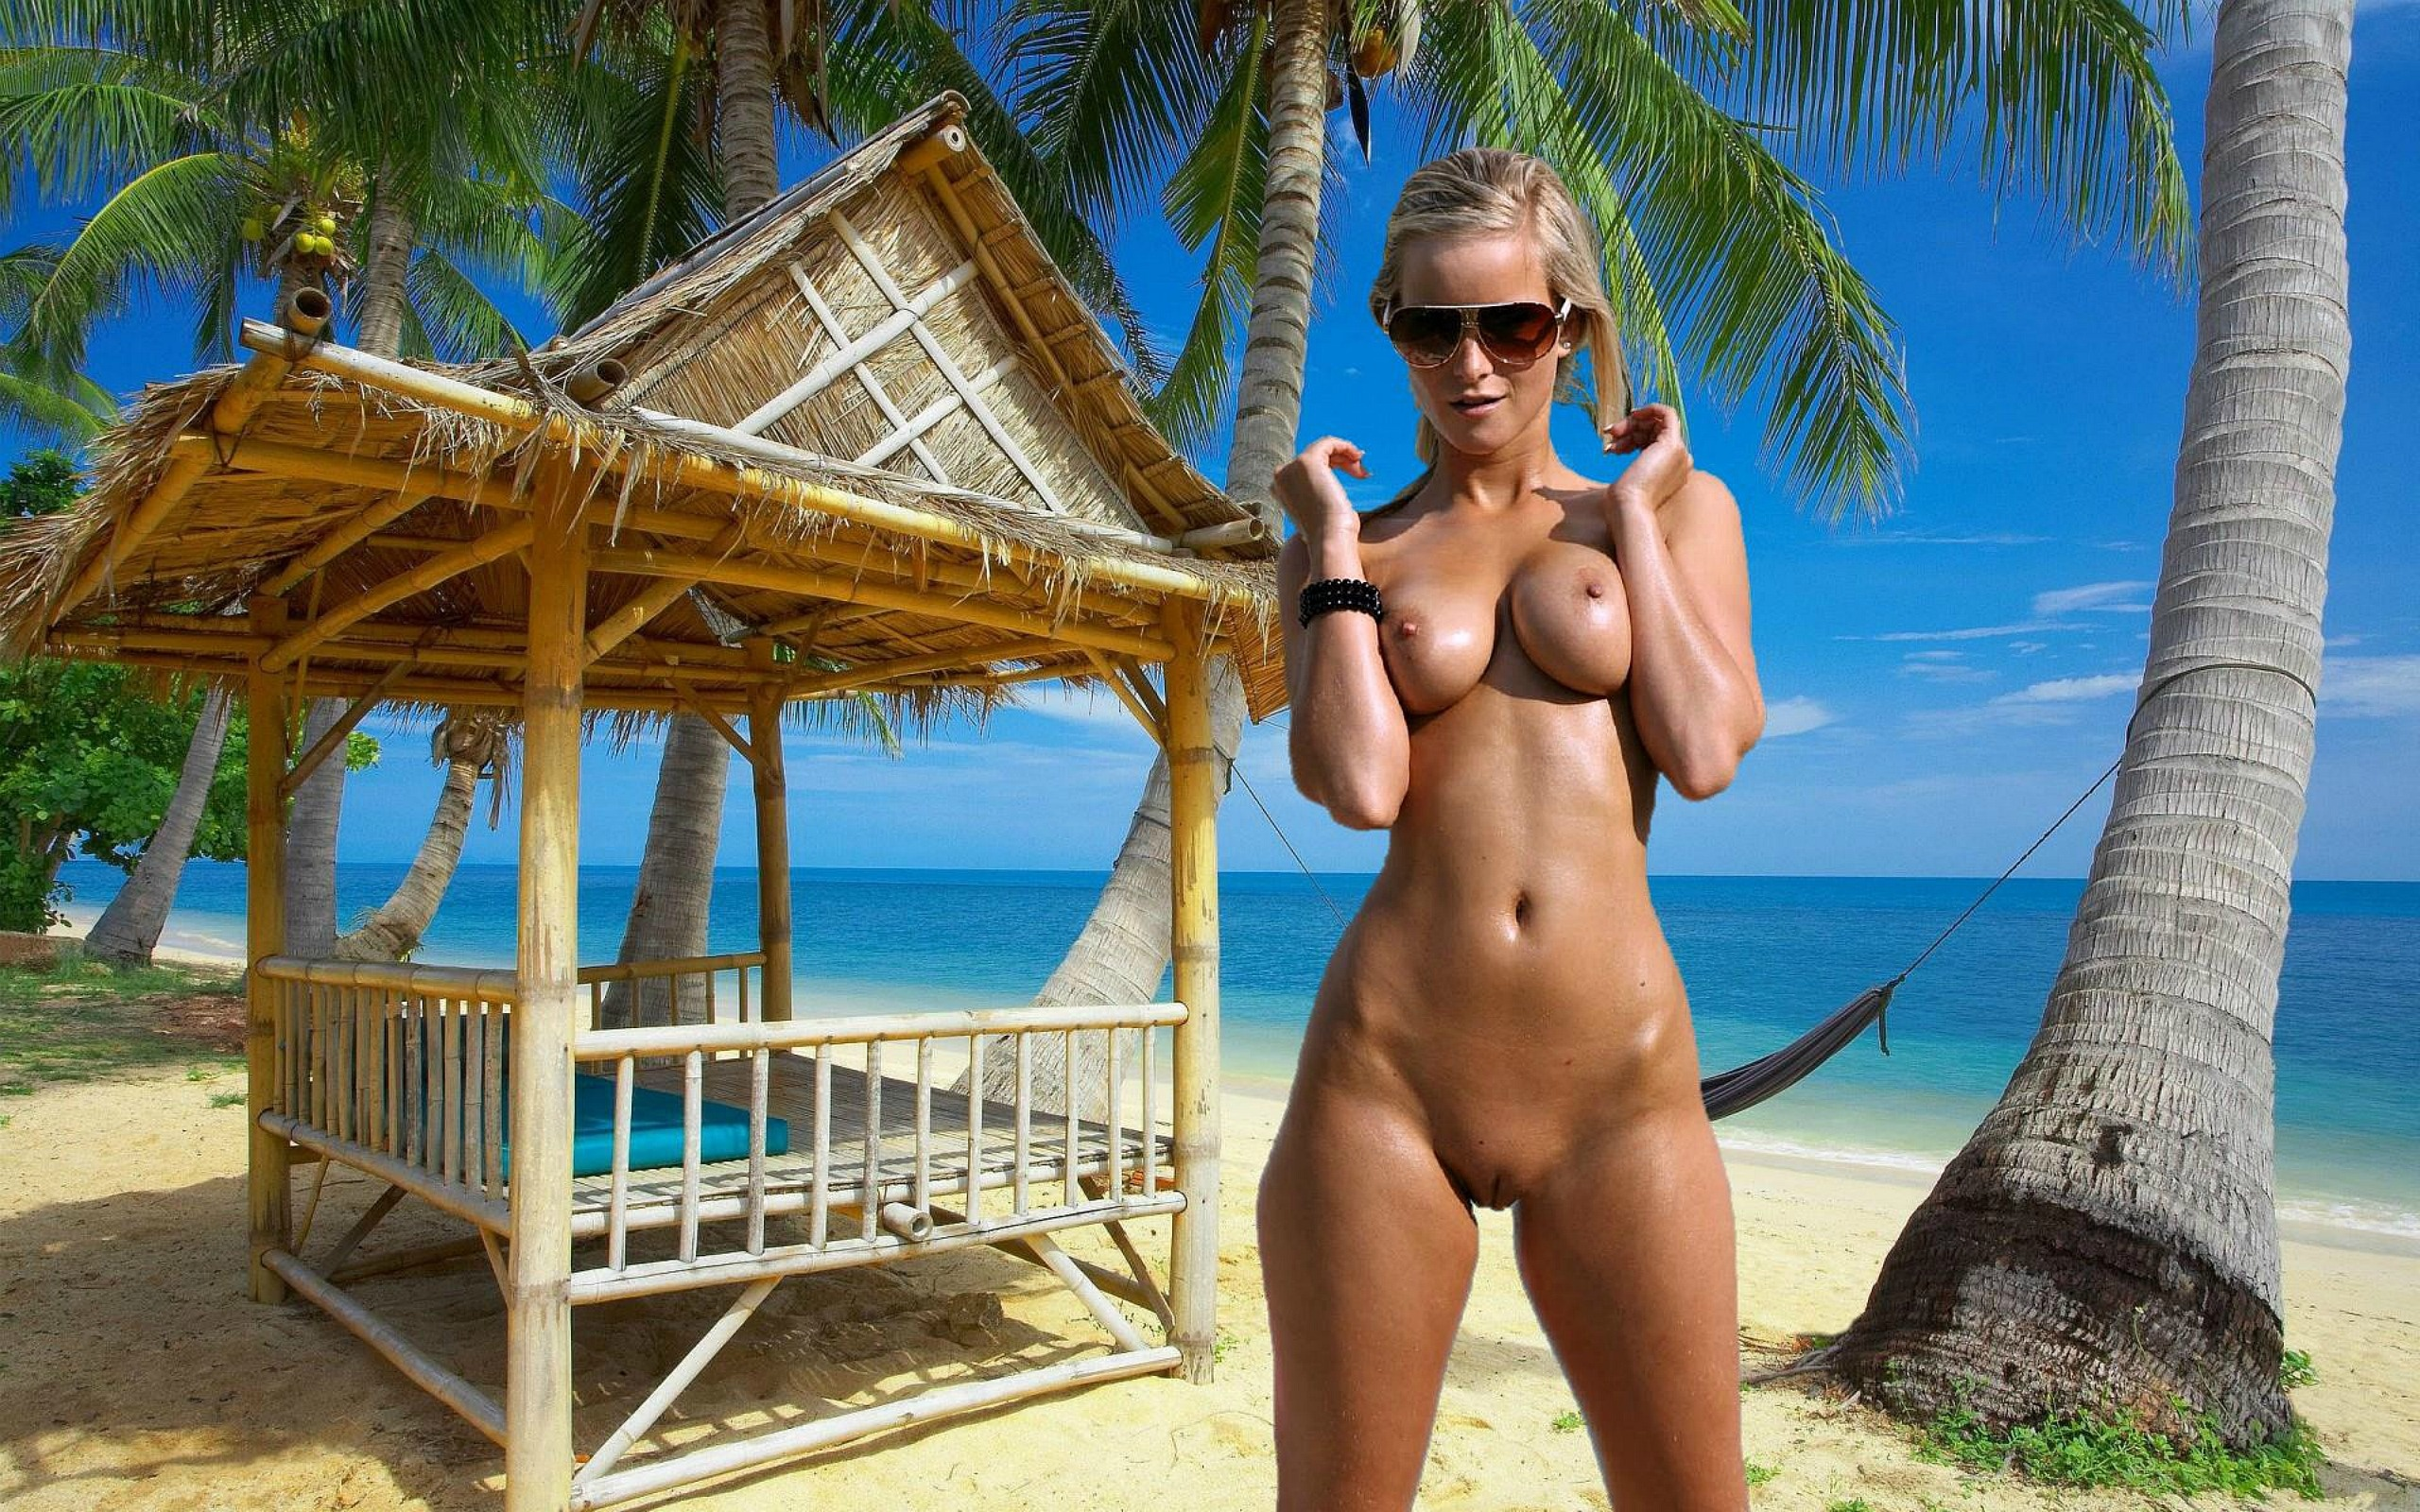 Bahamas girl pussy